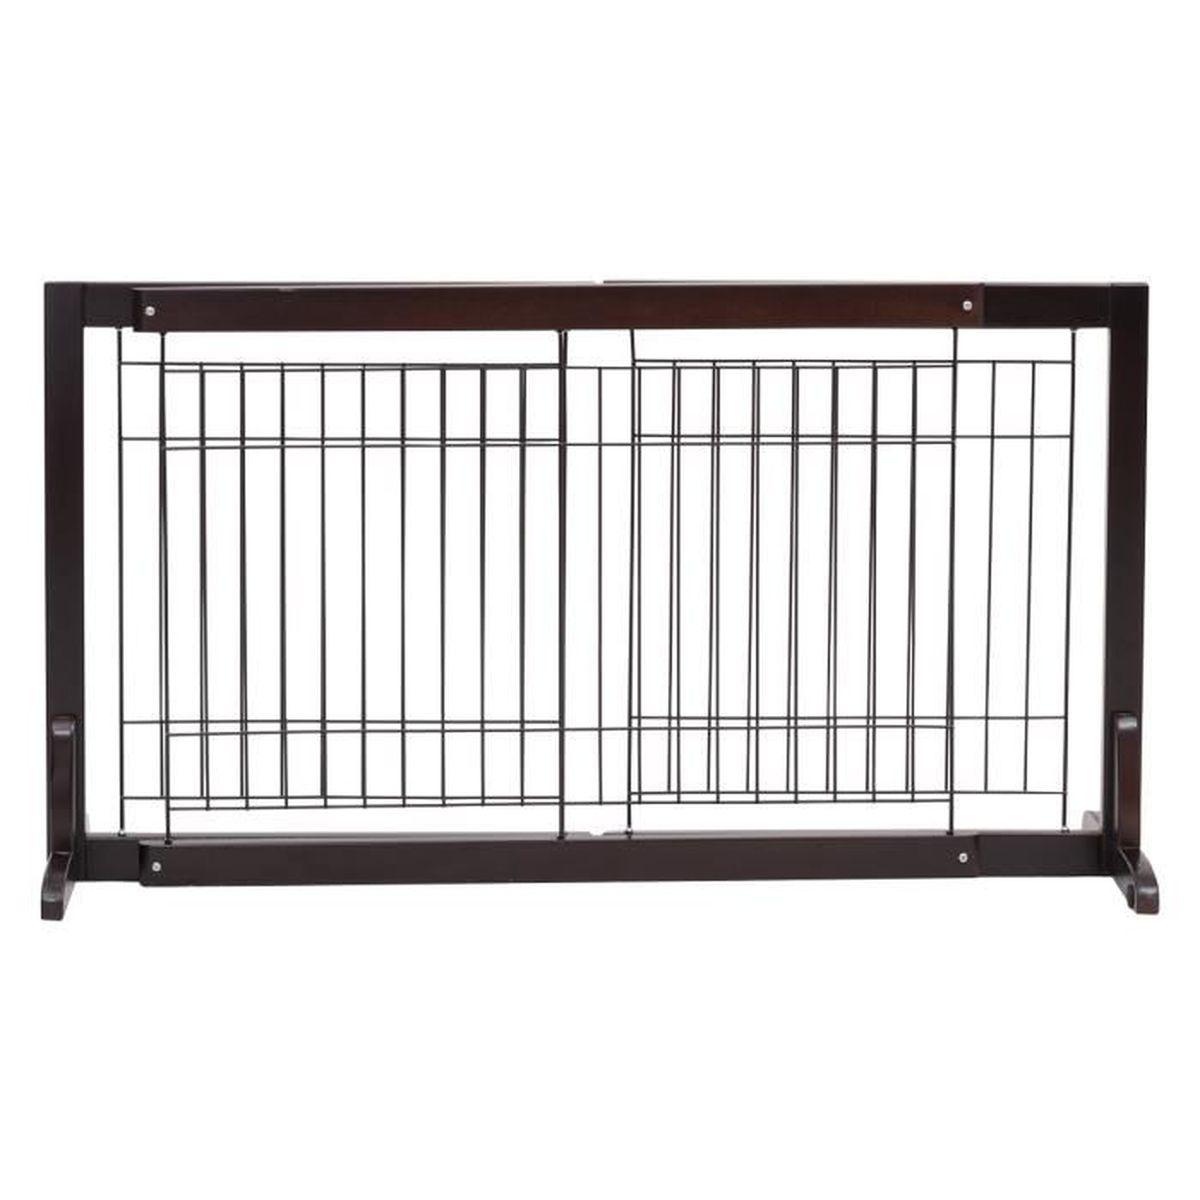 Escalier Modulaire Pas Cher costway barrière de sécurité grille protection modulable